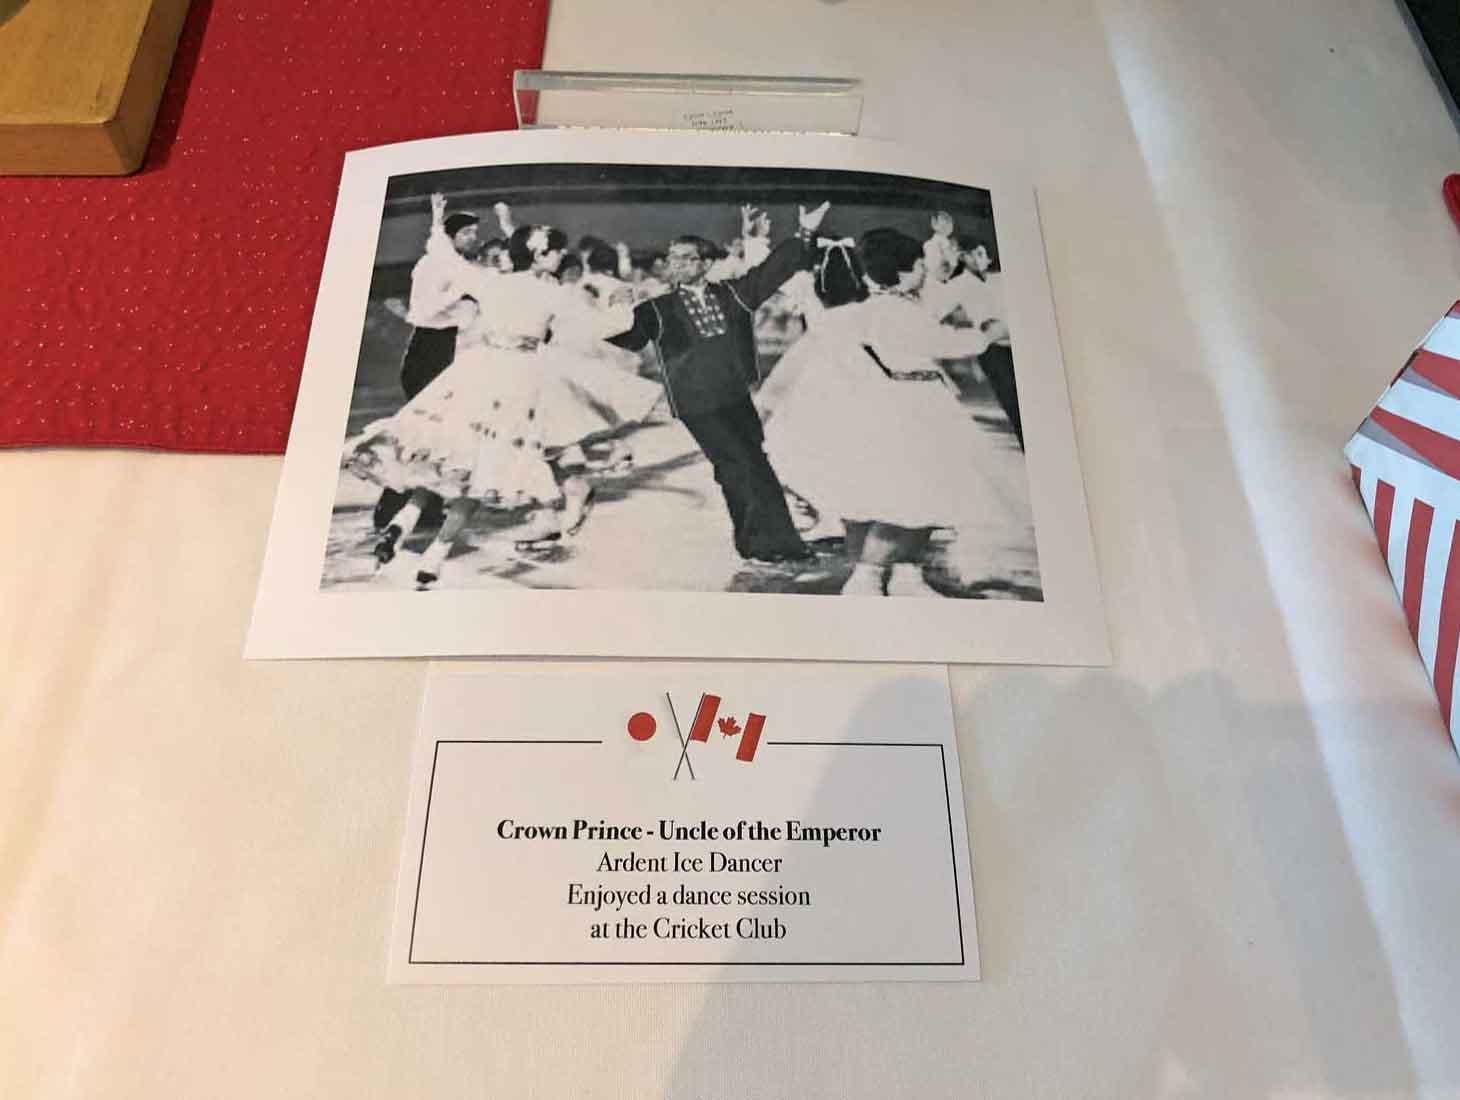 (仮キャプション)1980年代に同クラブを訪問され、会員とアイスダンスをされる故三笠宮崇仁親王殿下の写真